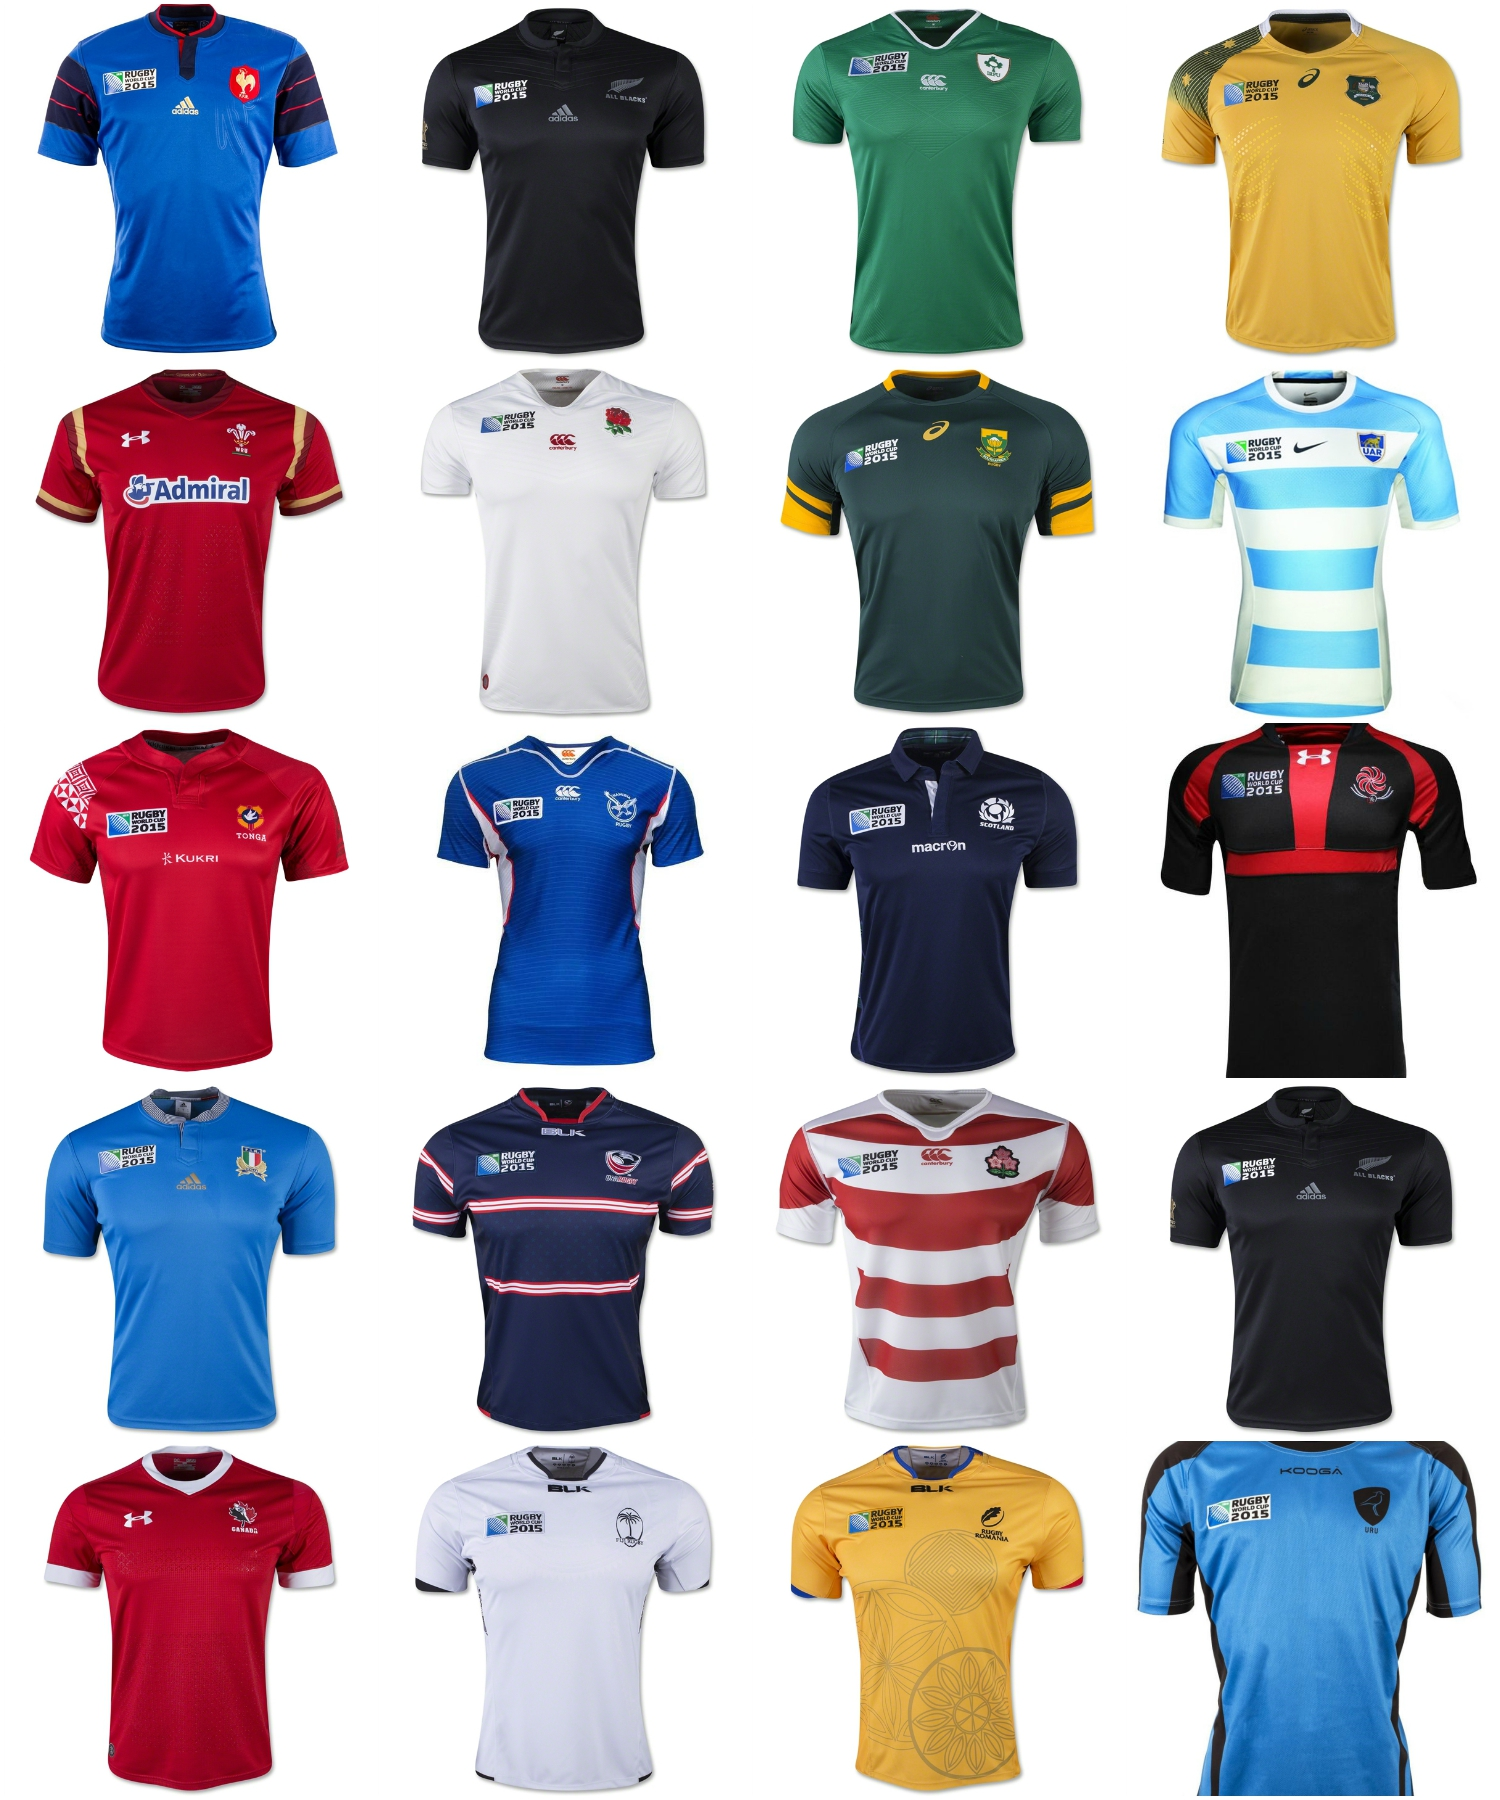 D couvrez les maillots des 20 quipes du mondial rugby - Diffusion coupe du monde de handball 2015 ...